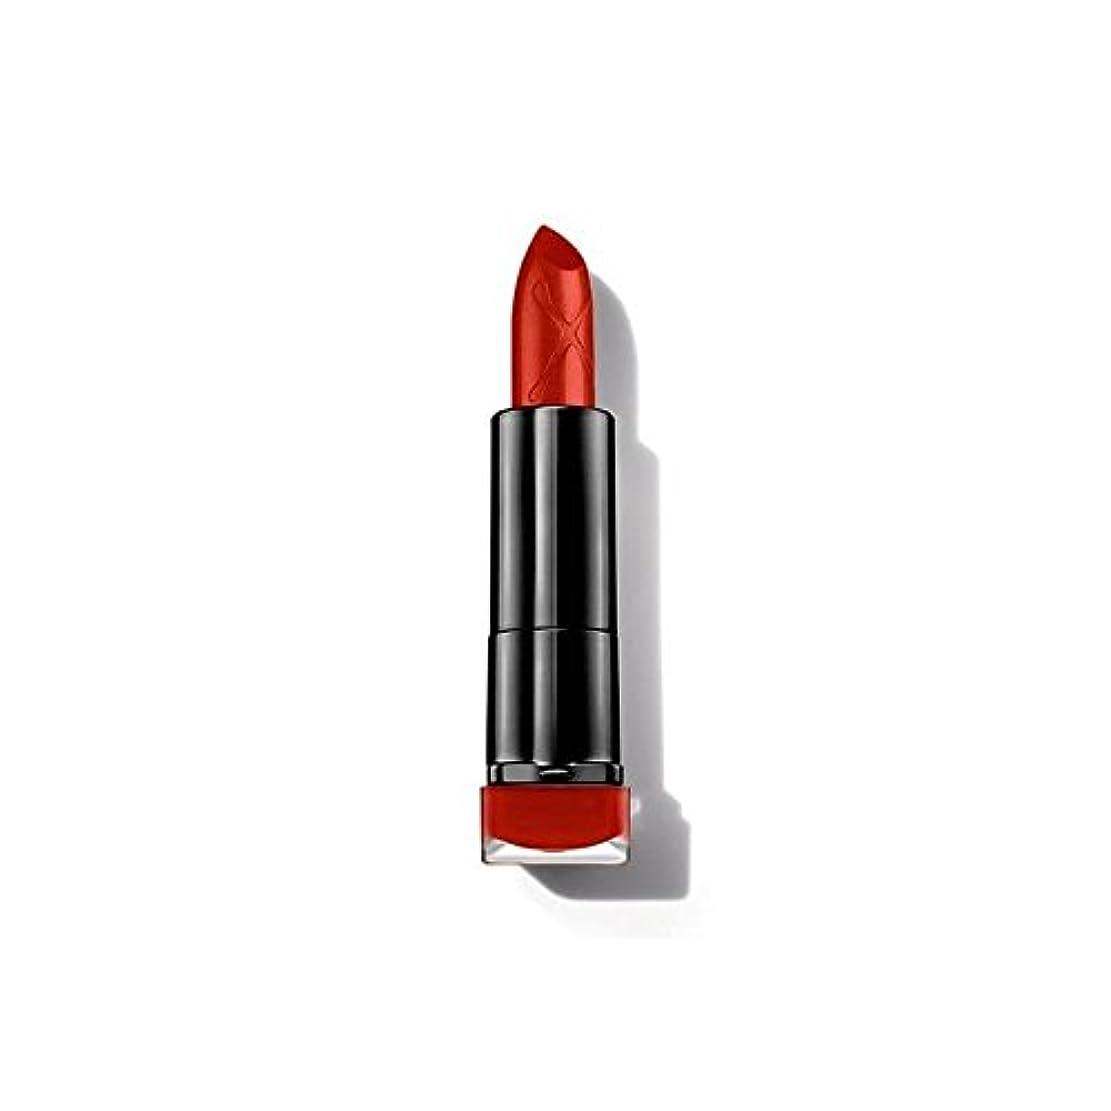 リースこれら決定するマックスファクターカラーエリキシルマット弾丸口紅の願望30 x2 - Max Factor Colour Elixir Matte Bullet Lipstick Desire 30 (Pack of 2) [並行輸入品]